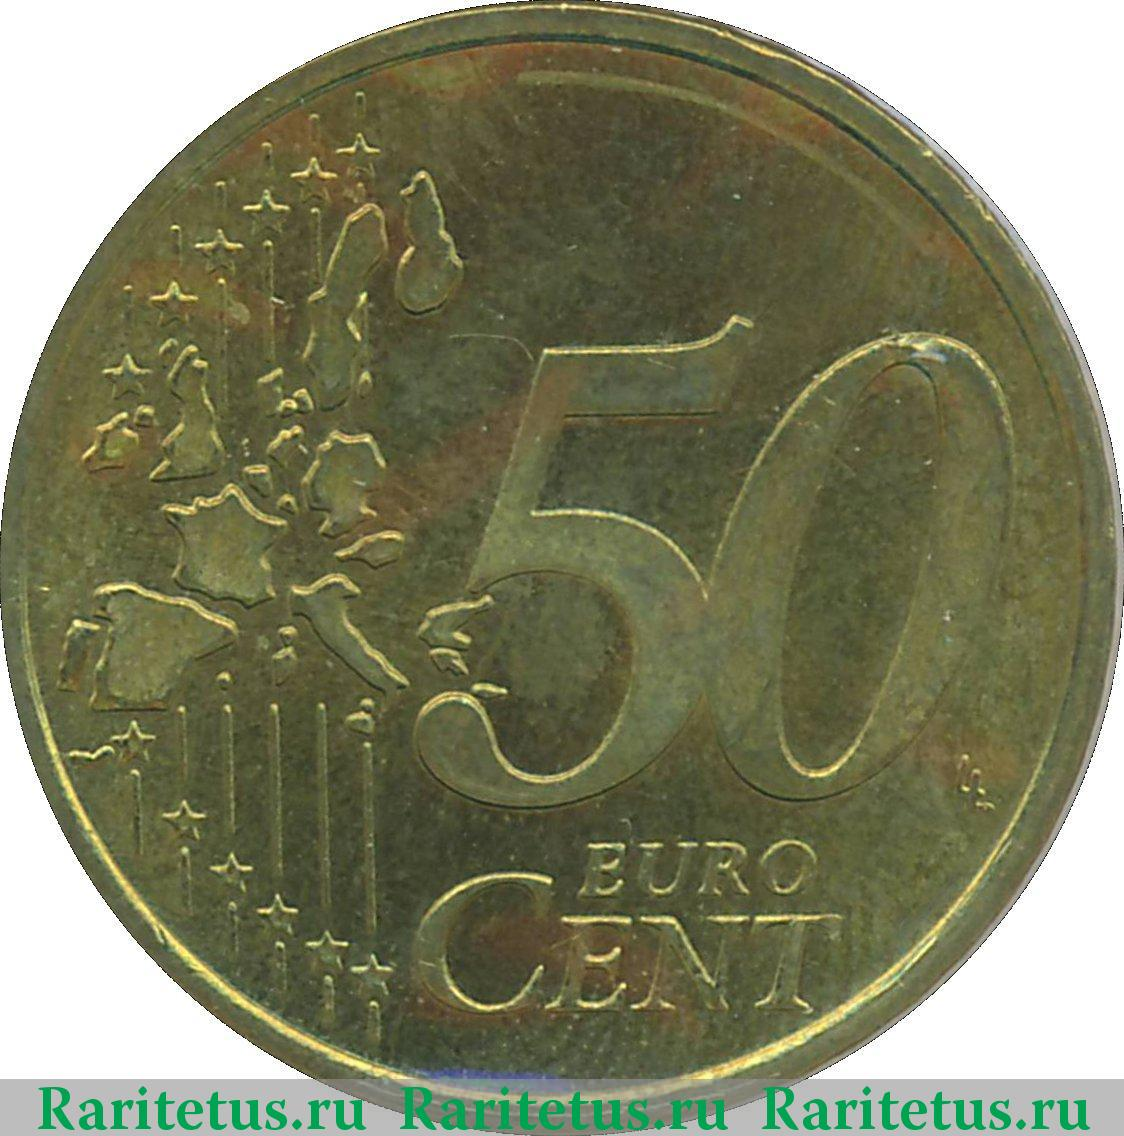 Как выглядят 50 евро монетой стоимость монеты 10 злт 1986 года покупка в гривнах